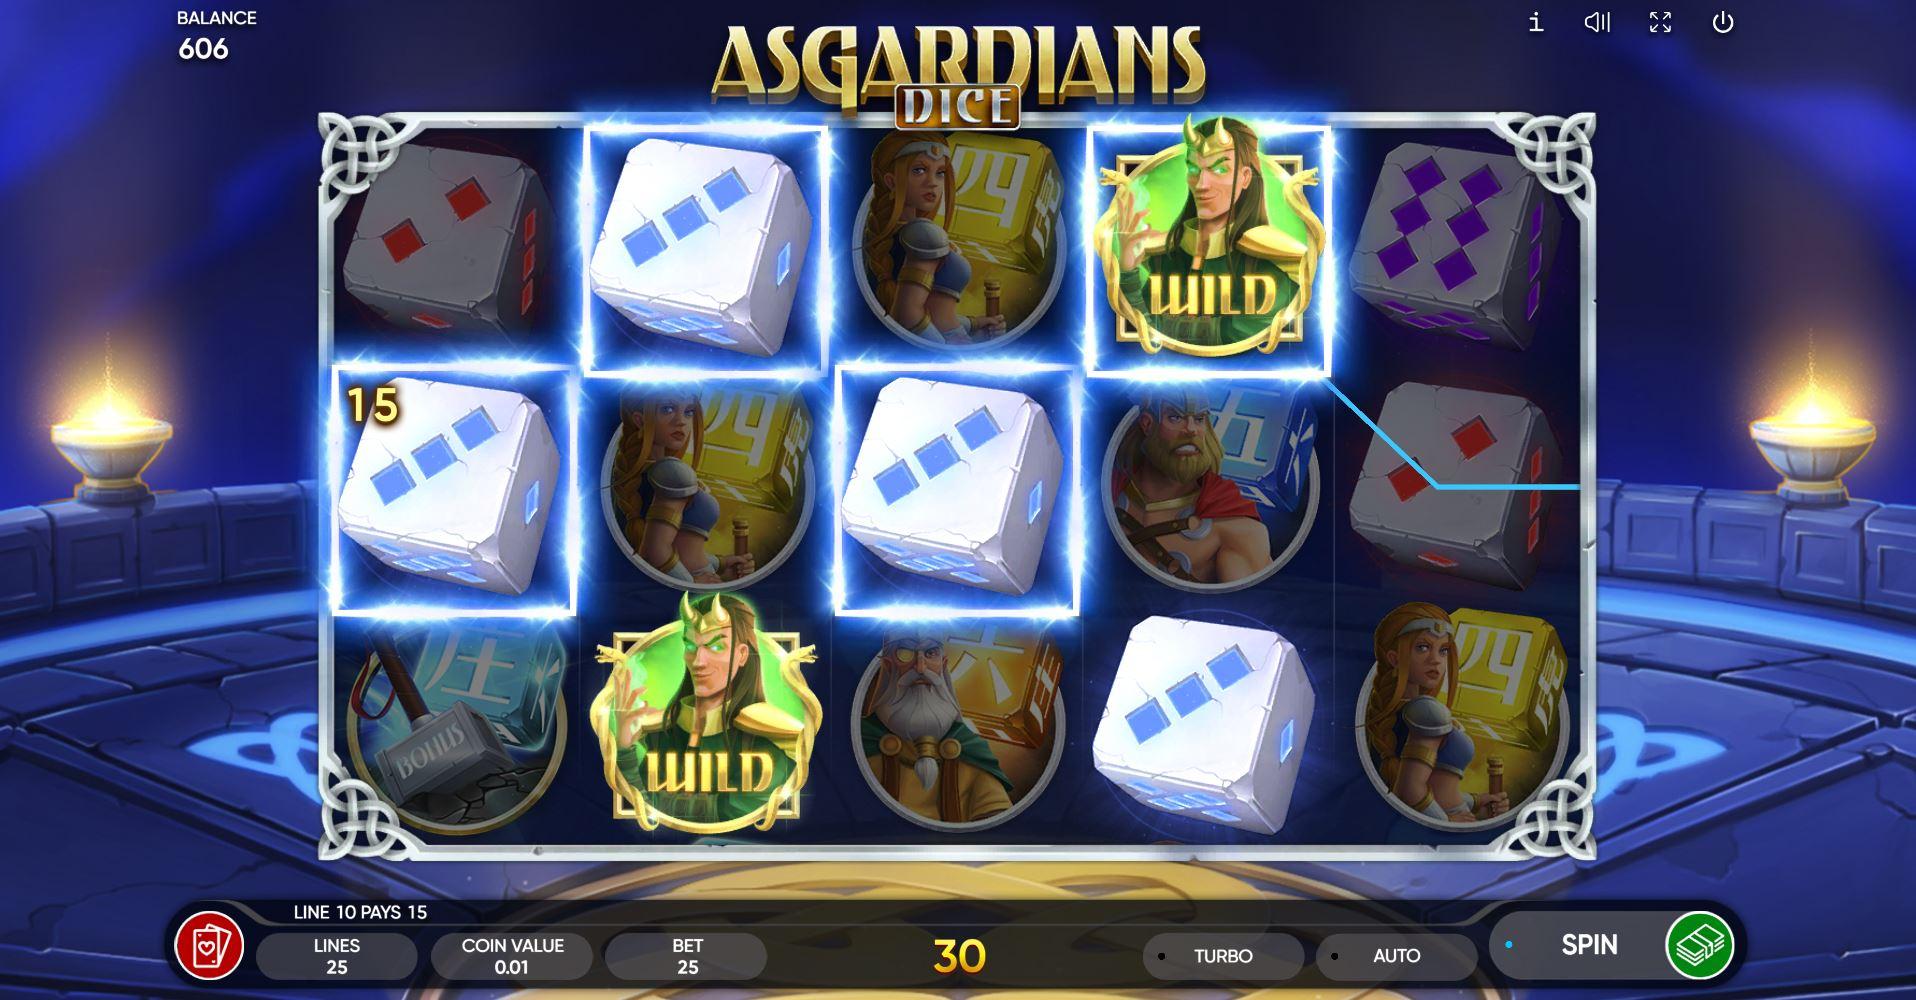 Asgardians Dice - Interface